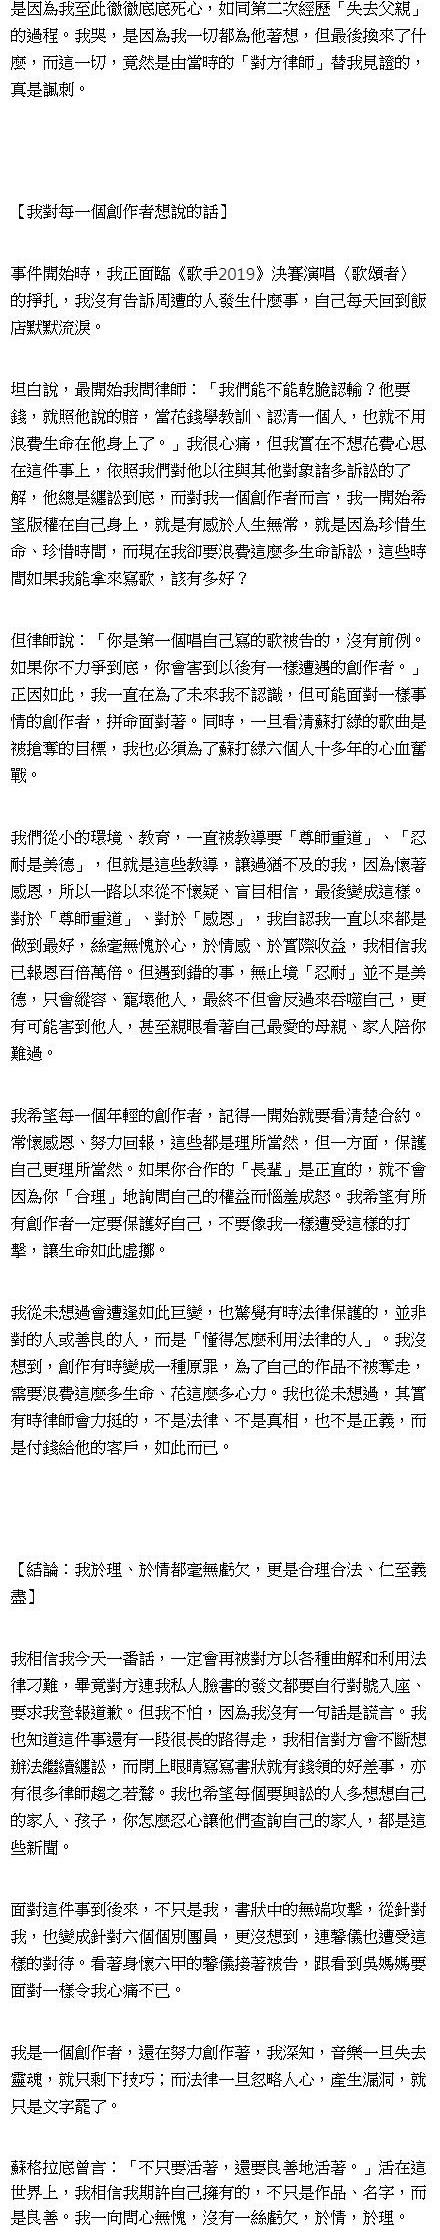 吴青峰长文回应被恩师控告:我合理合法,仁至义尽